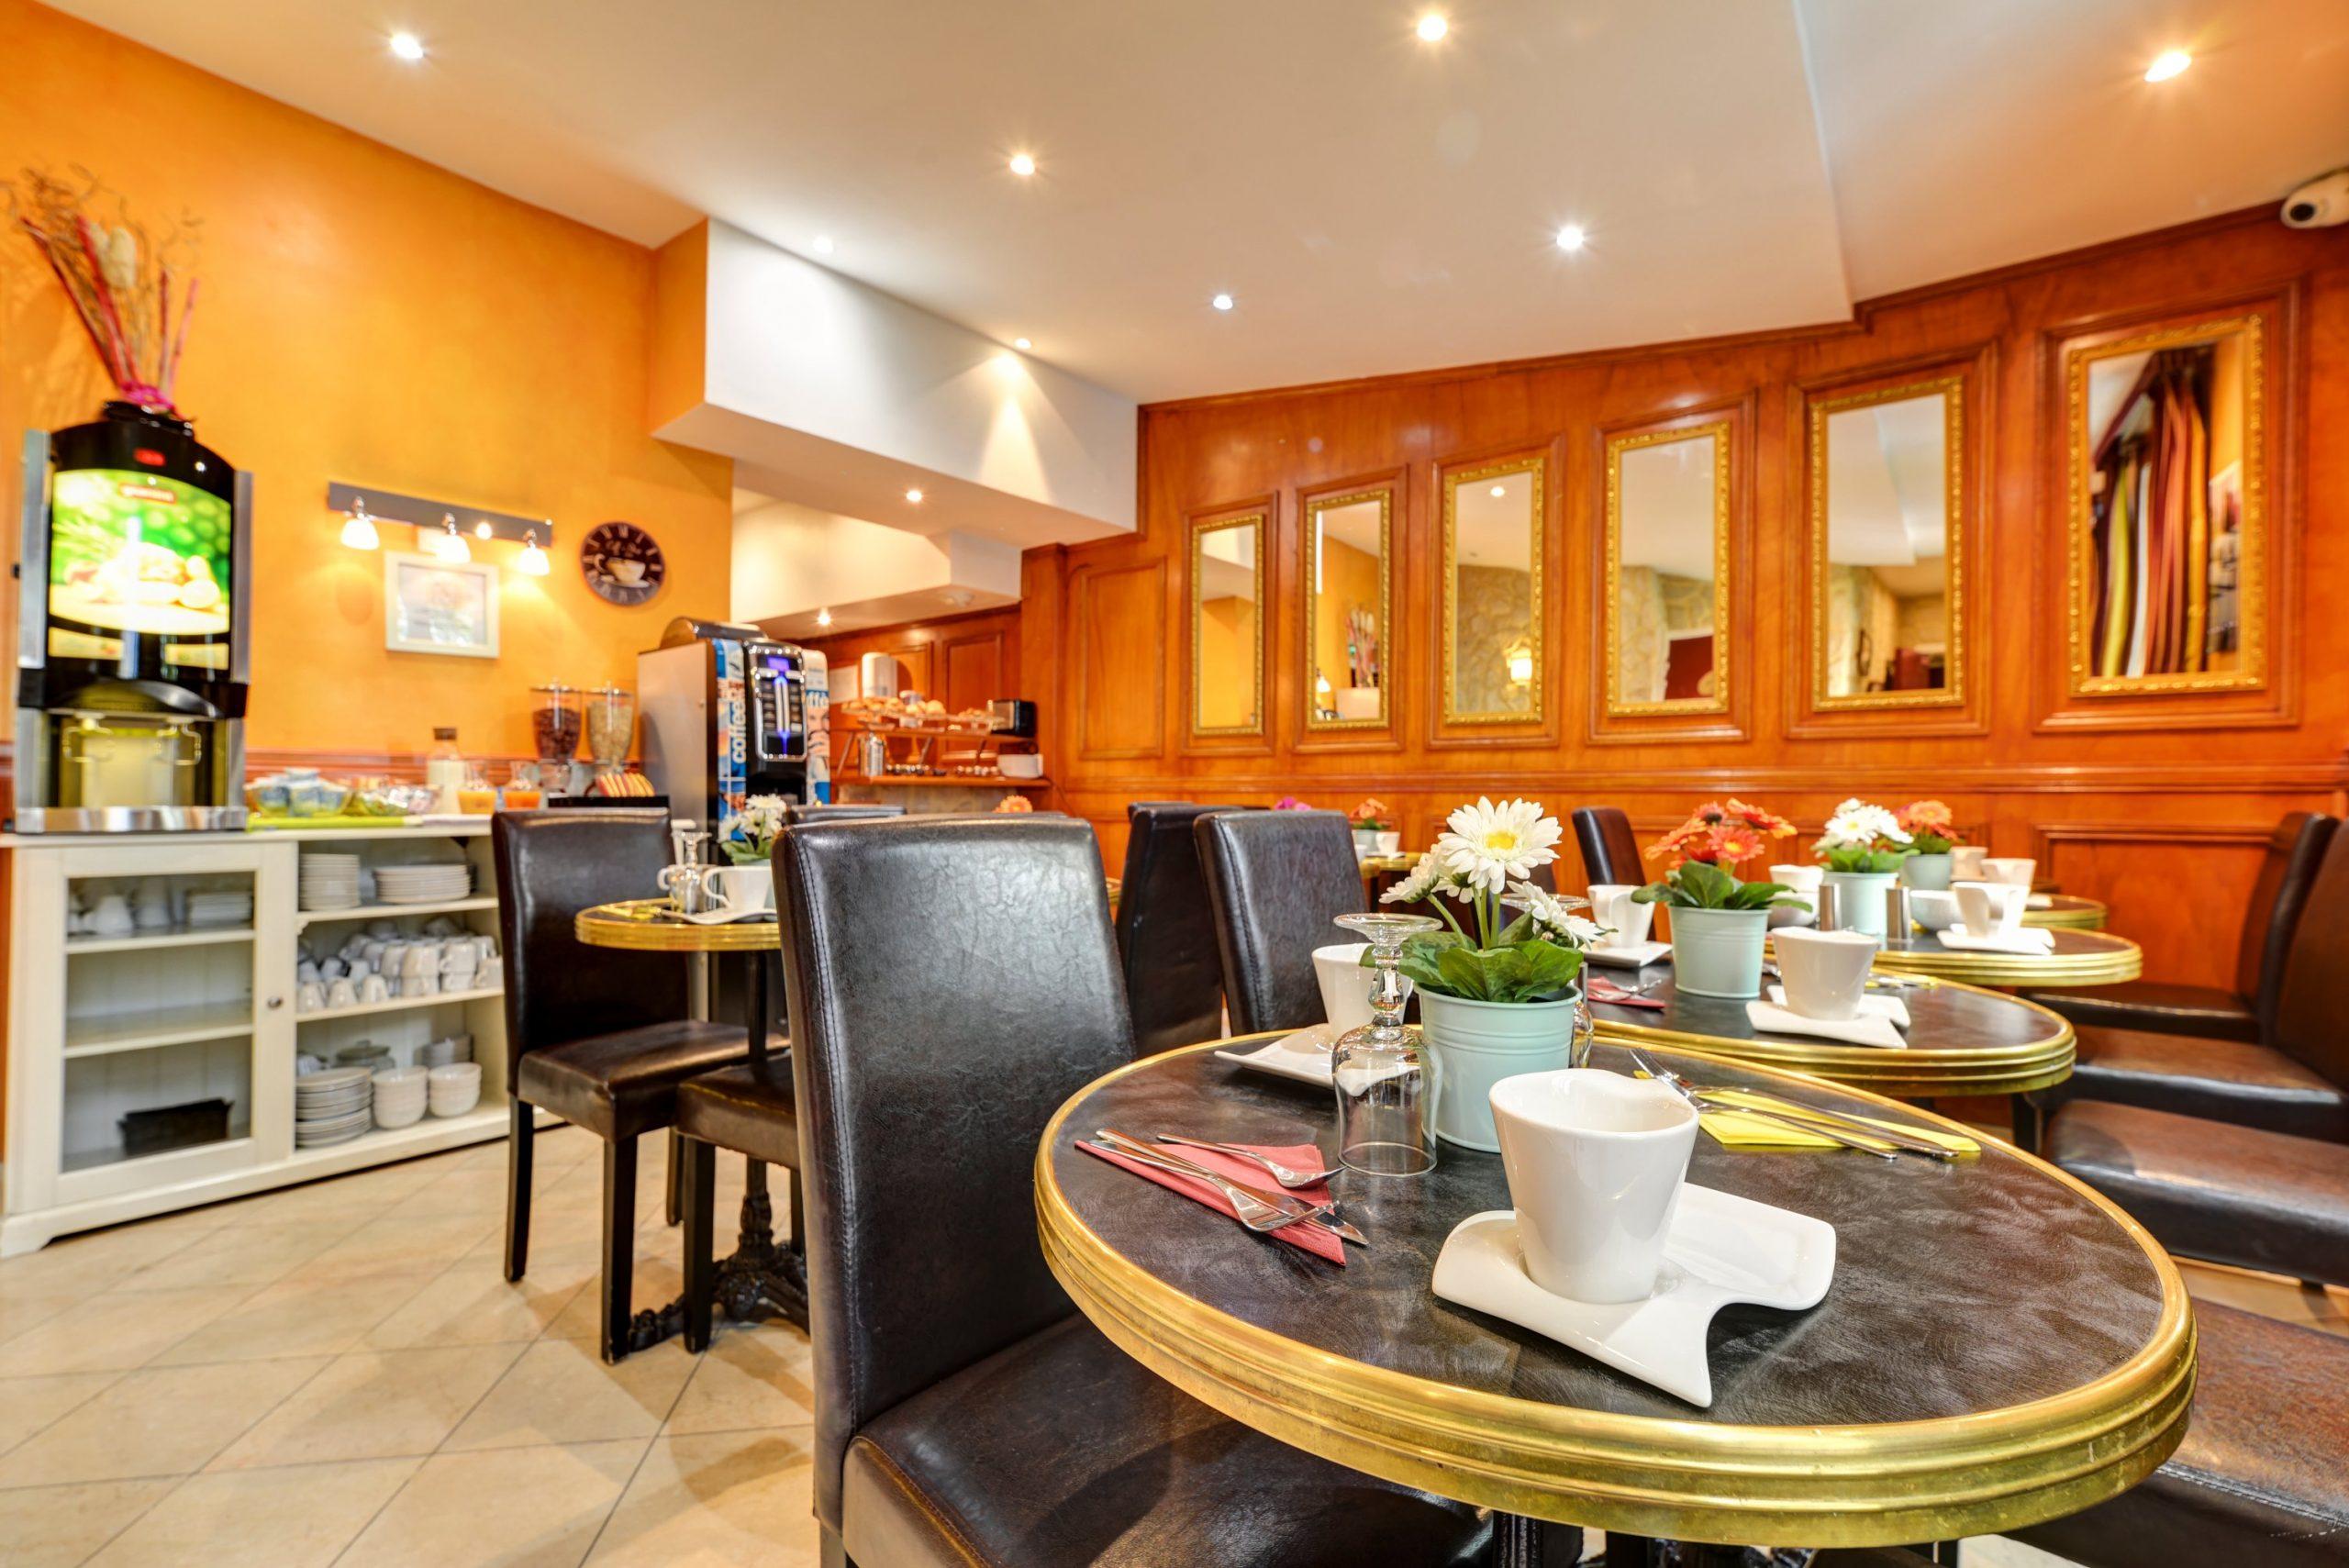 petit-dejeuner-hotel-montmartre (8)